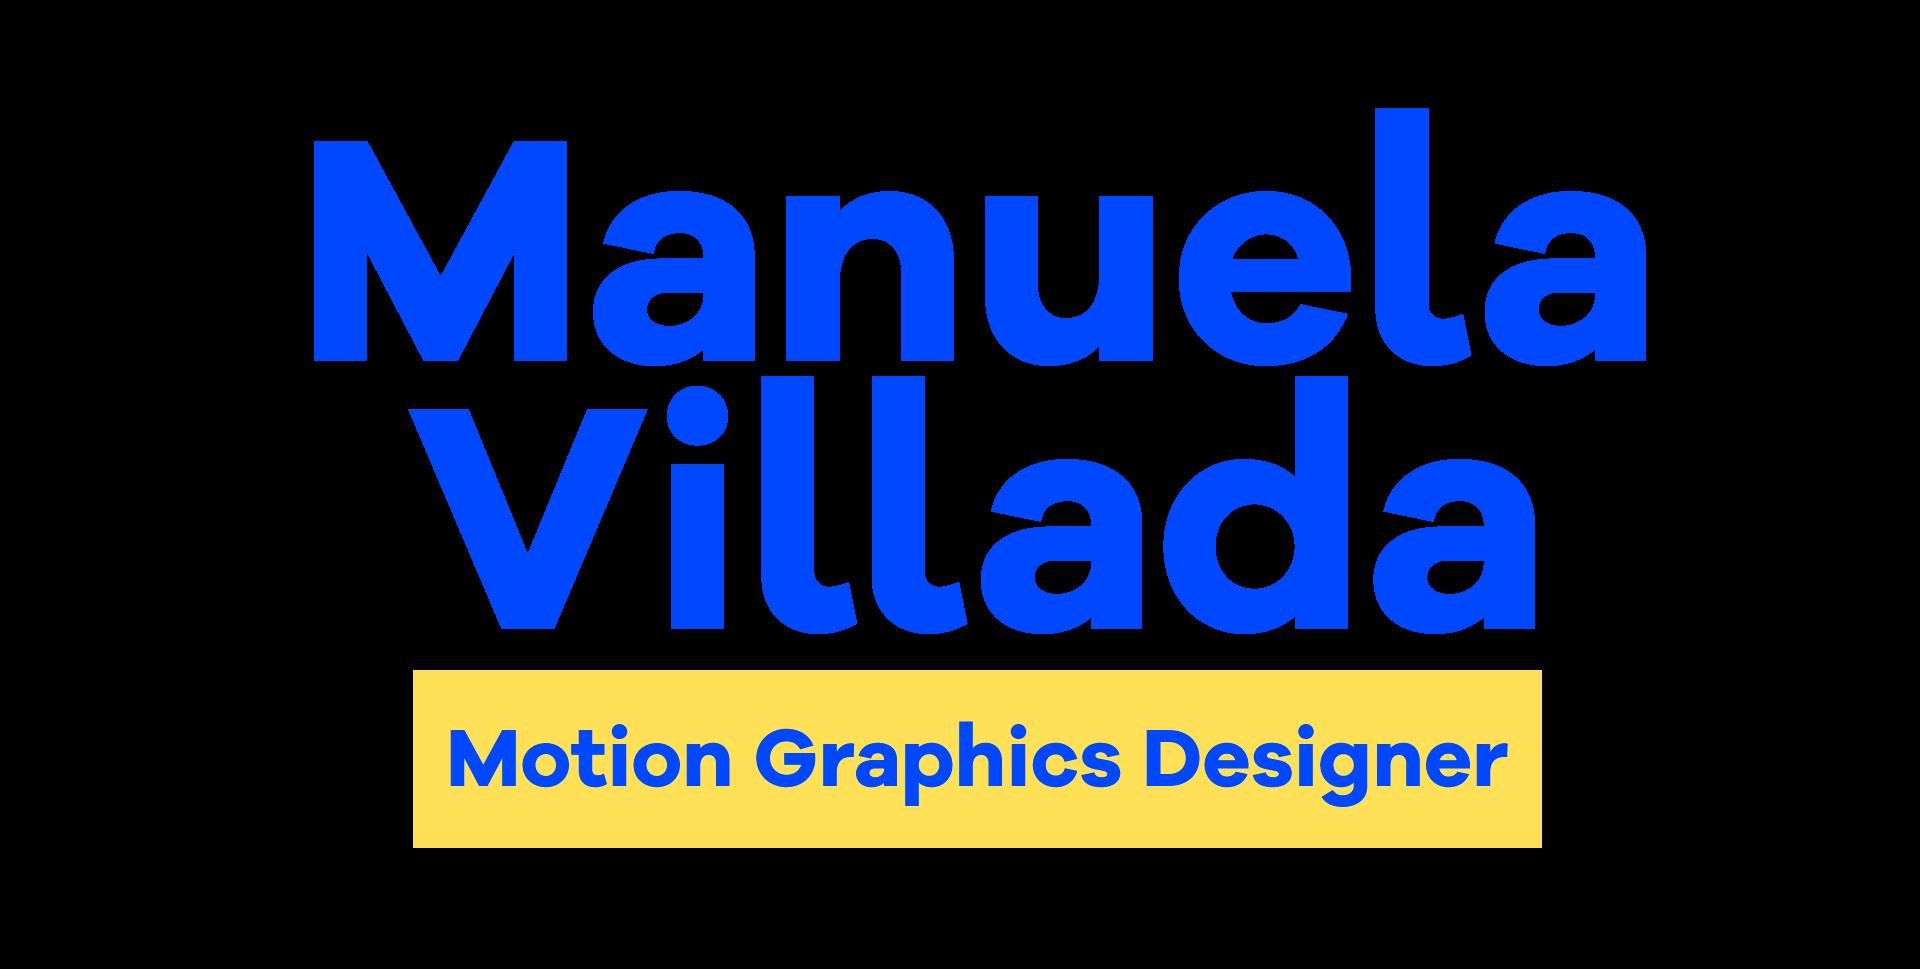 Manuela Villada